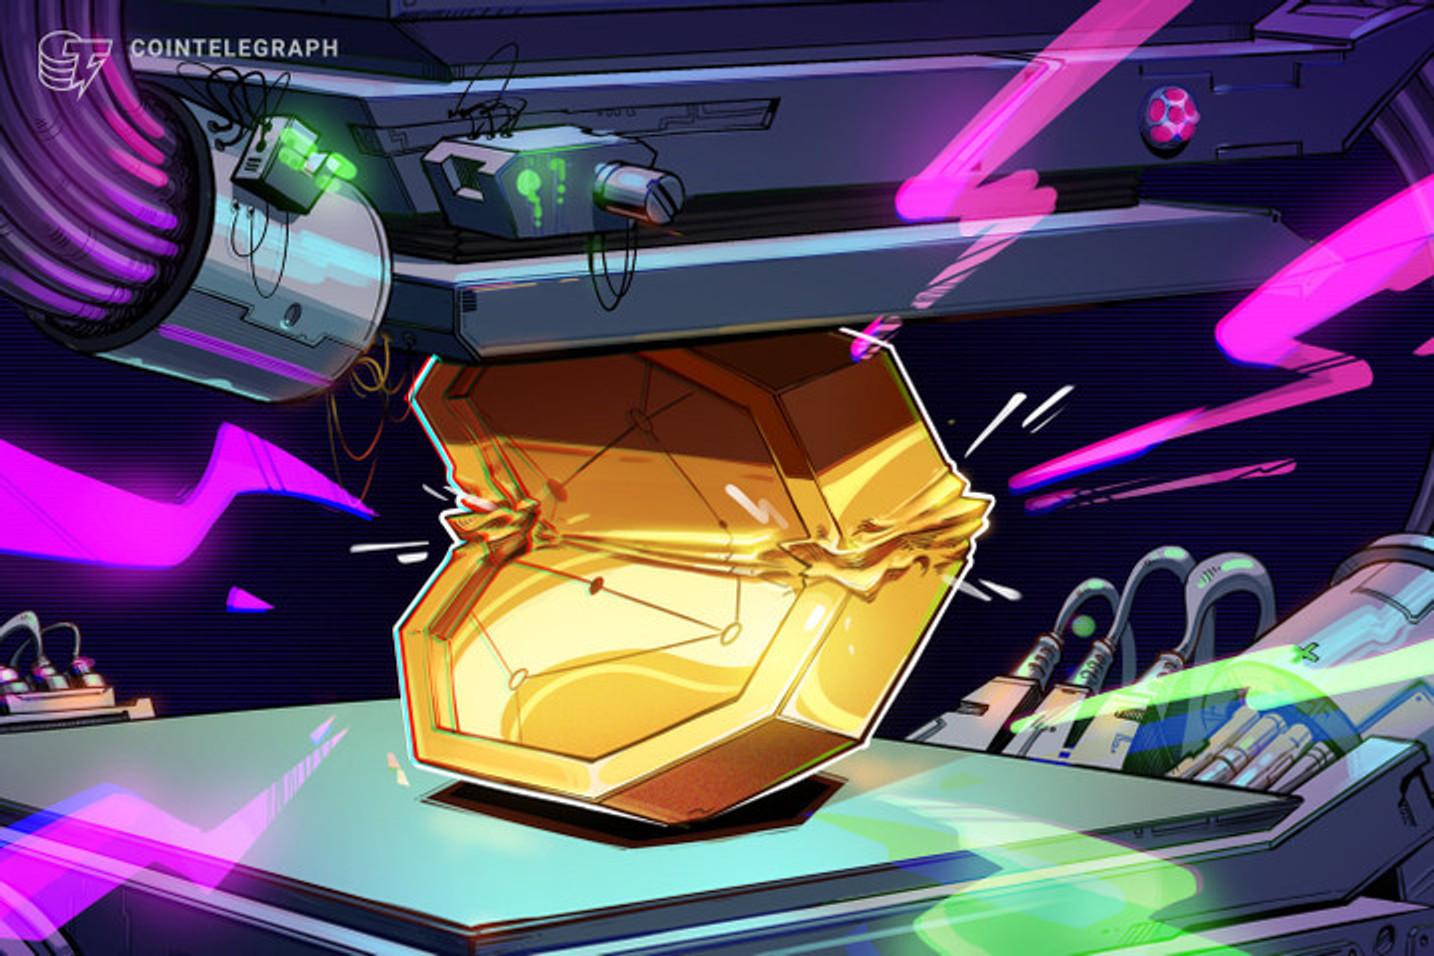 仮想通貨ビットコイン、「板挟み」状態?